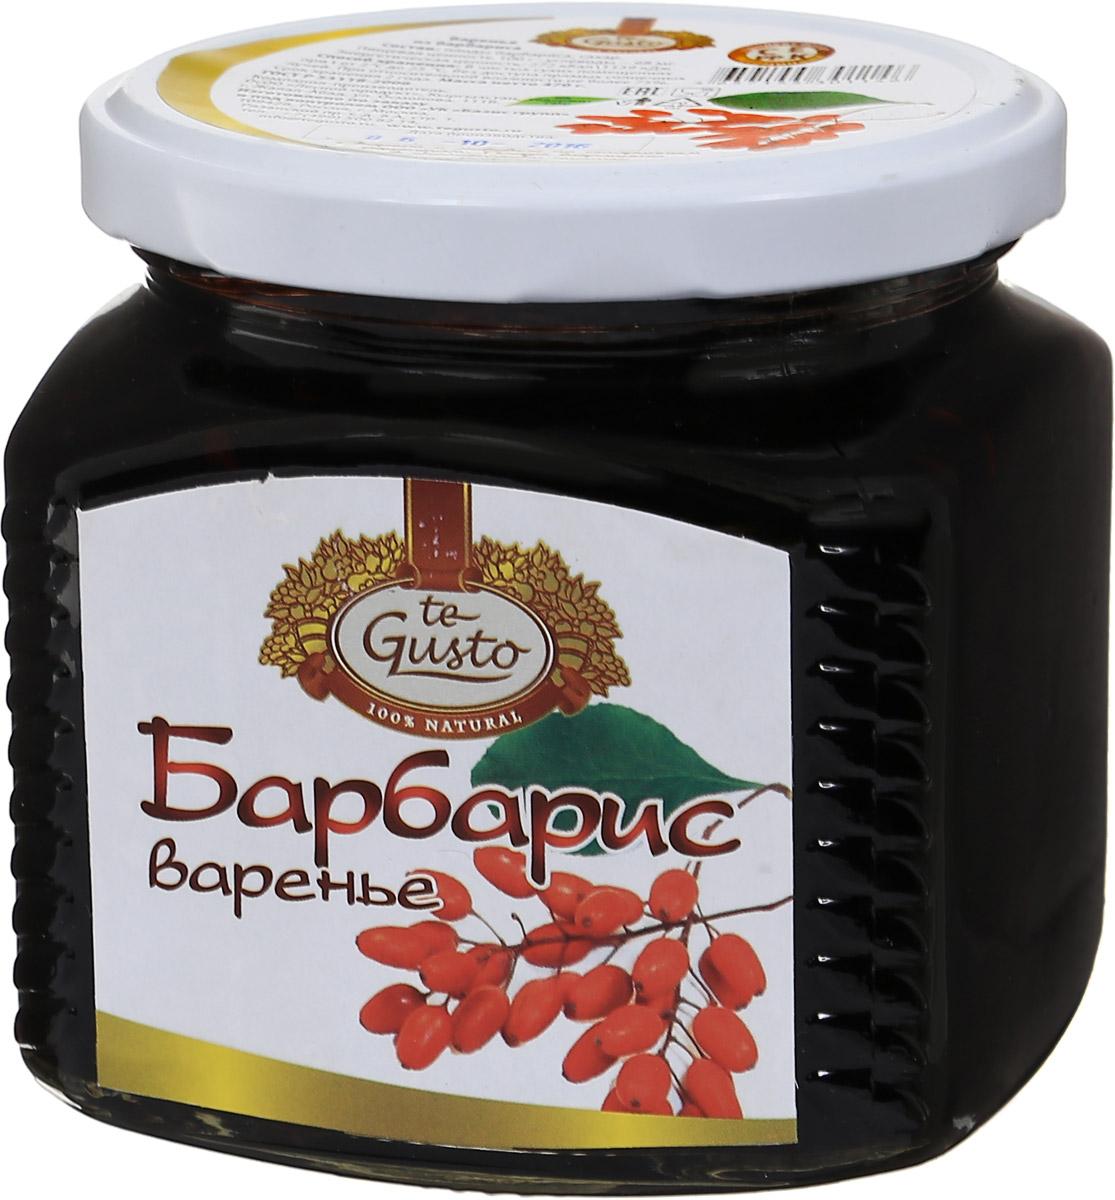 te Gusto Варенье из барбариса, 470 г4665301640100Барбарис - уникальное растение, которое славится не только своим ароматом, но и полезными свойствами.Ягоды барбариса - это кладезь витамина С, аскорбиновой, яблочной и лимонной кислоты. Поэтому употребление продуктов на основе барбариса поможет при снятии жара и для остановки кровотечения.Если у вас наблюдается заболевание печени, мочевого пузыря, почек, то ни в коем случае не пренебрегайте столь важной для вас ягодой.